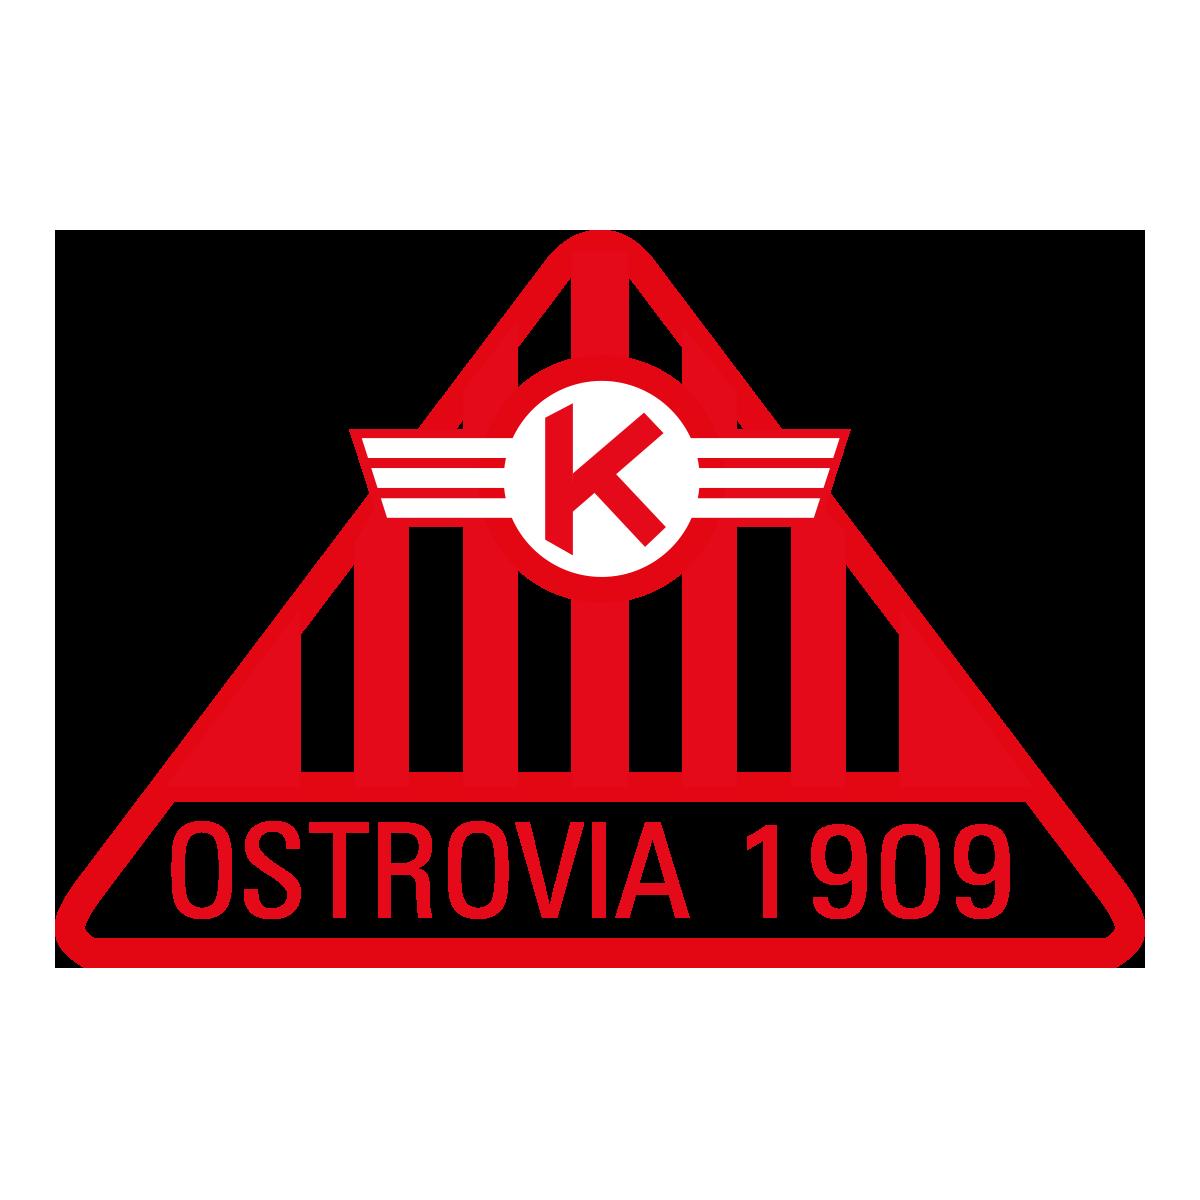 Ostrovia 1909 Ostrów Wlkp.